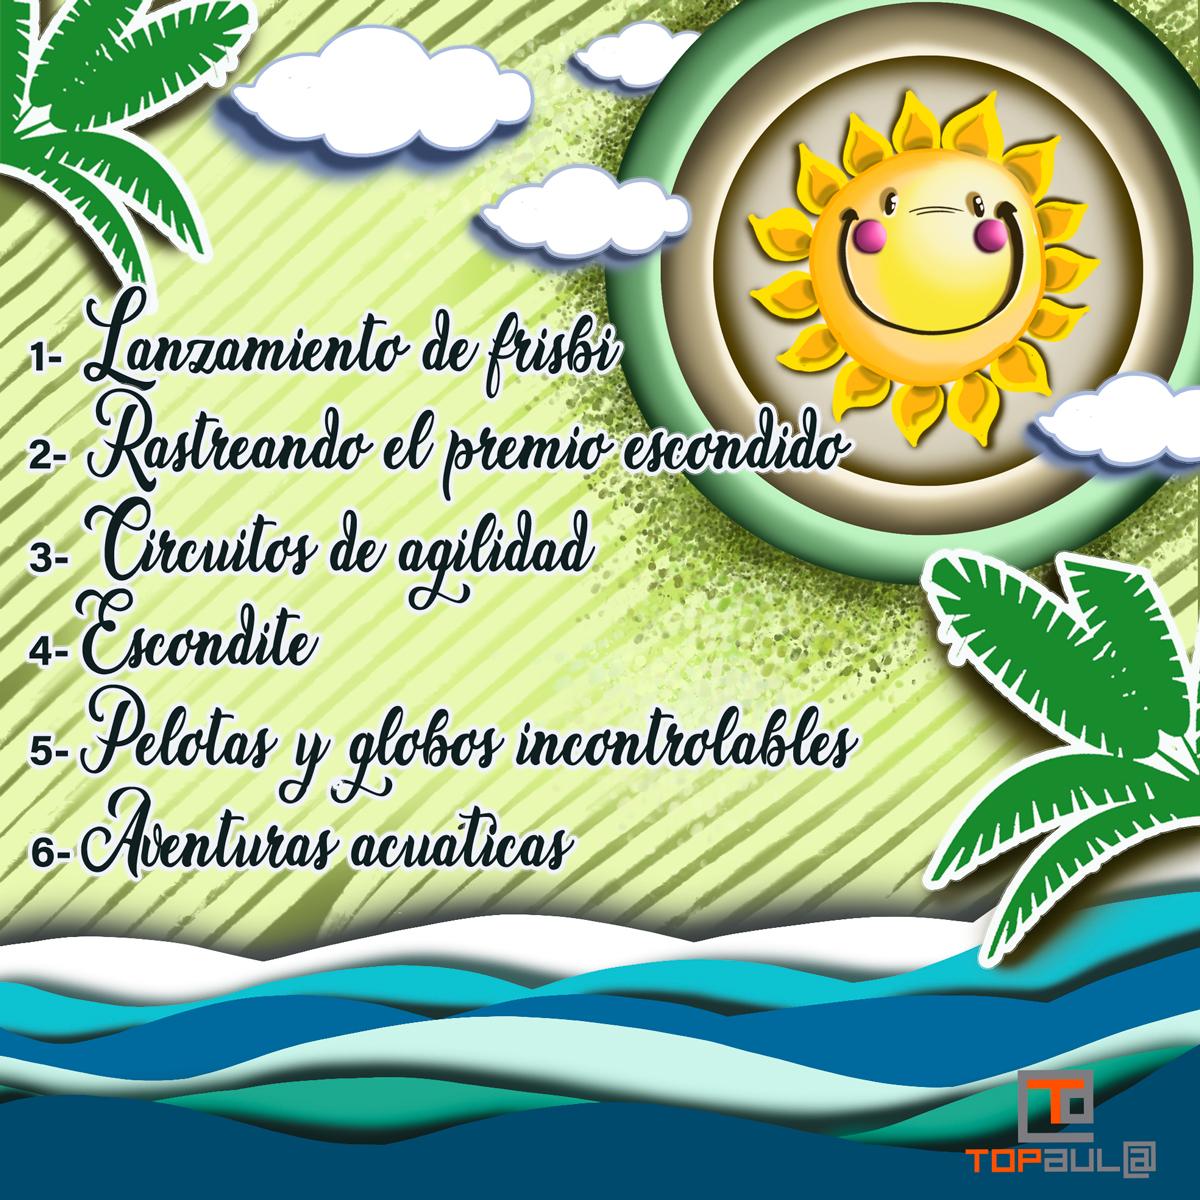 Infografía Juegos para estimular a tu perro al aire libre - www.topaula.com